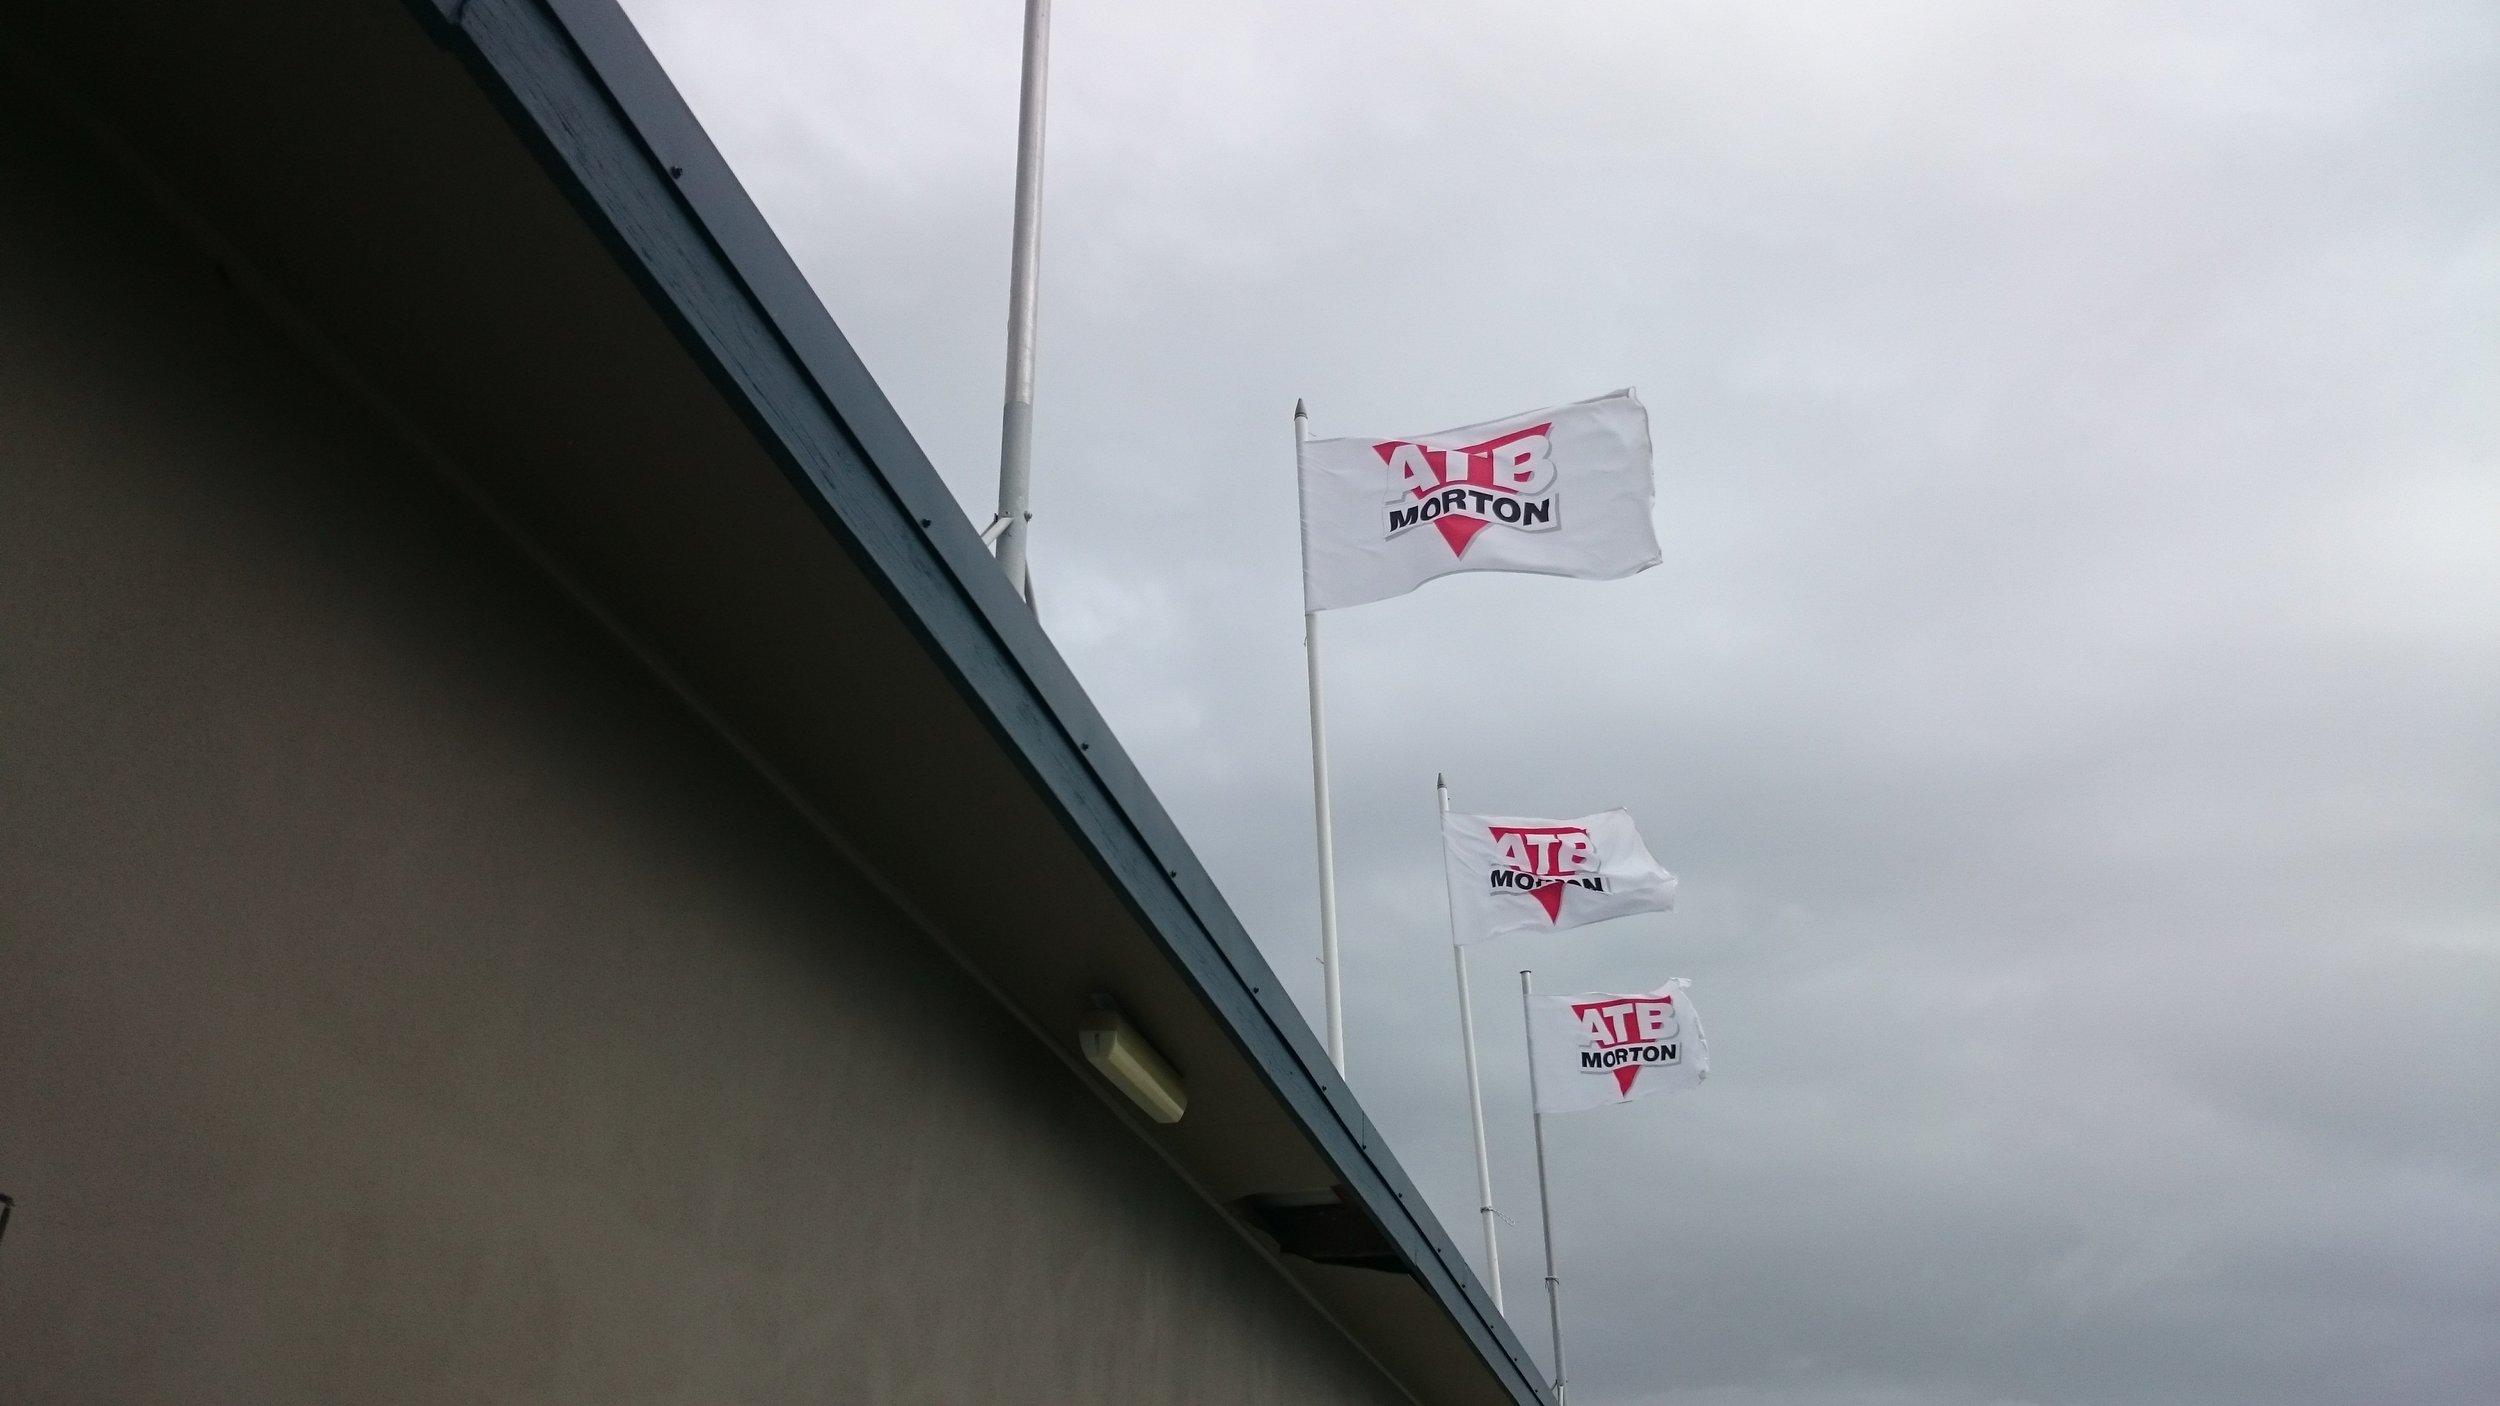 ATB Morton flags.JPG